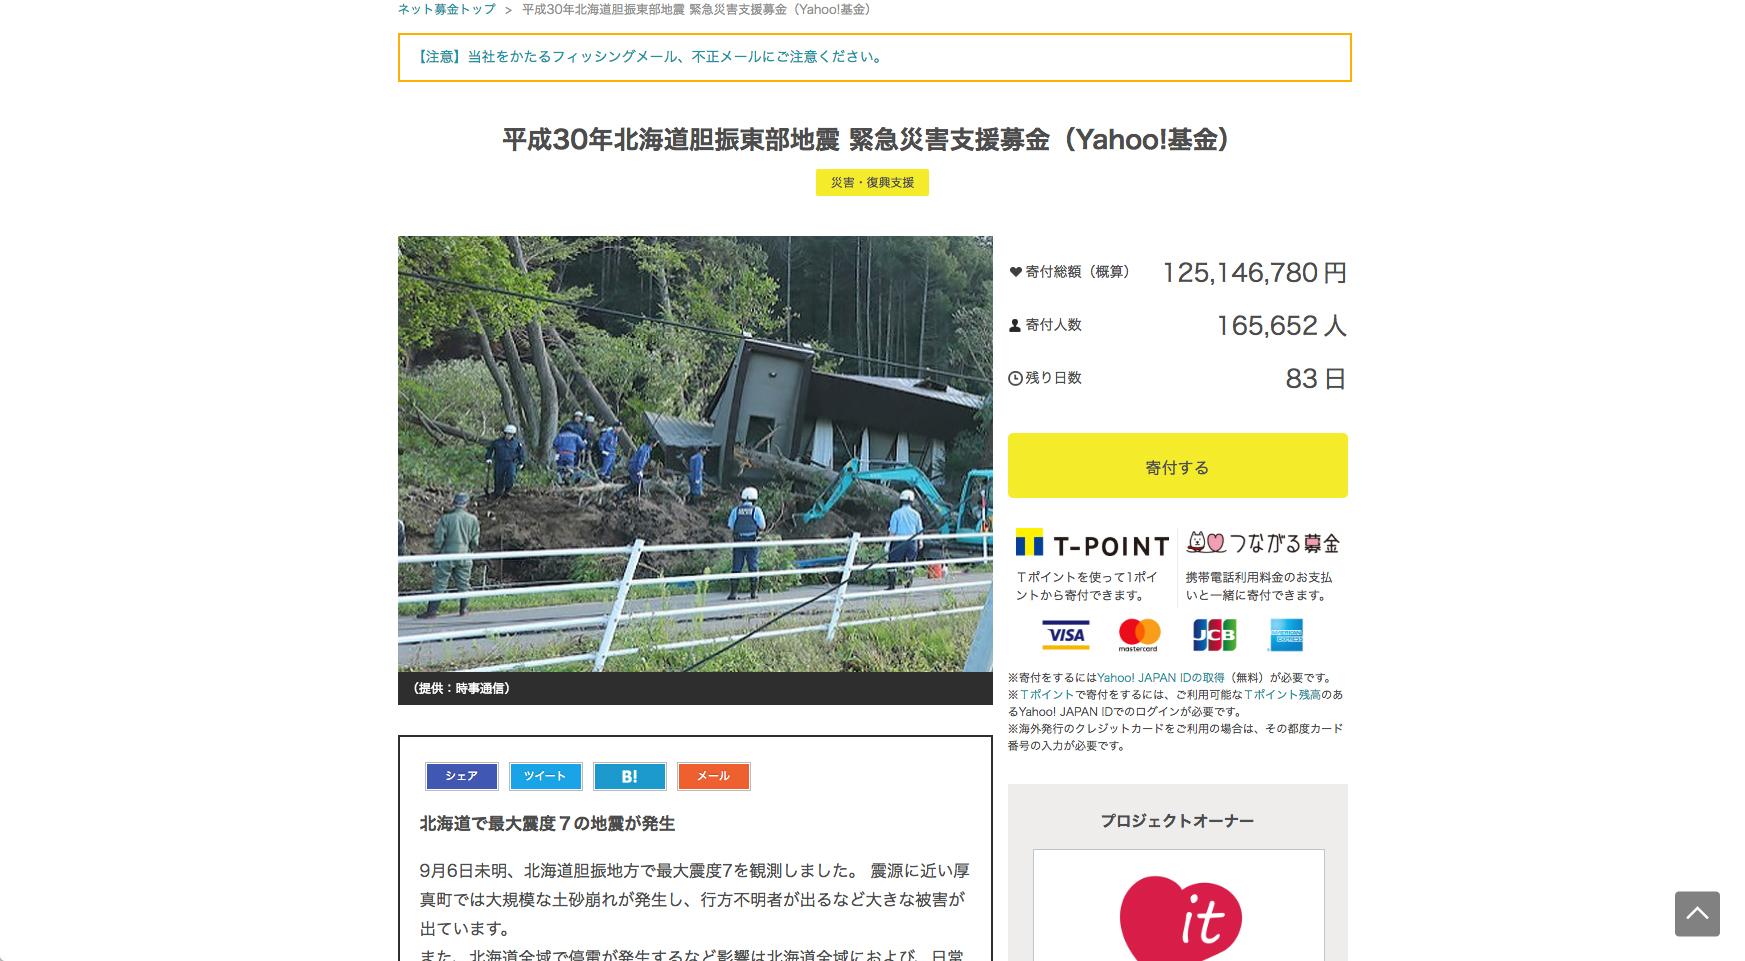 平成30年北海道胆振東部地震 緊急災害支援募金(Yahoo!基金)